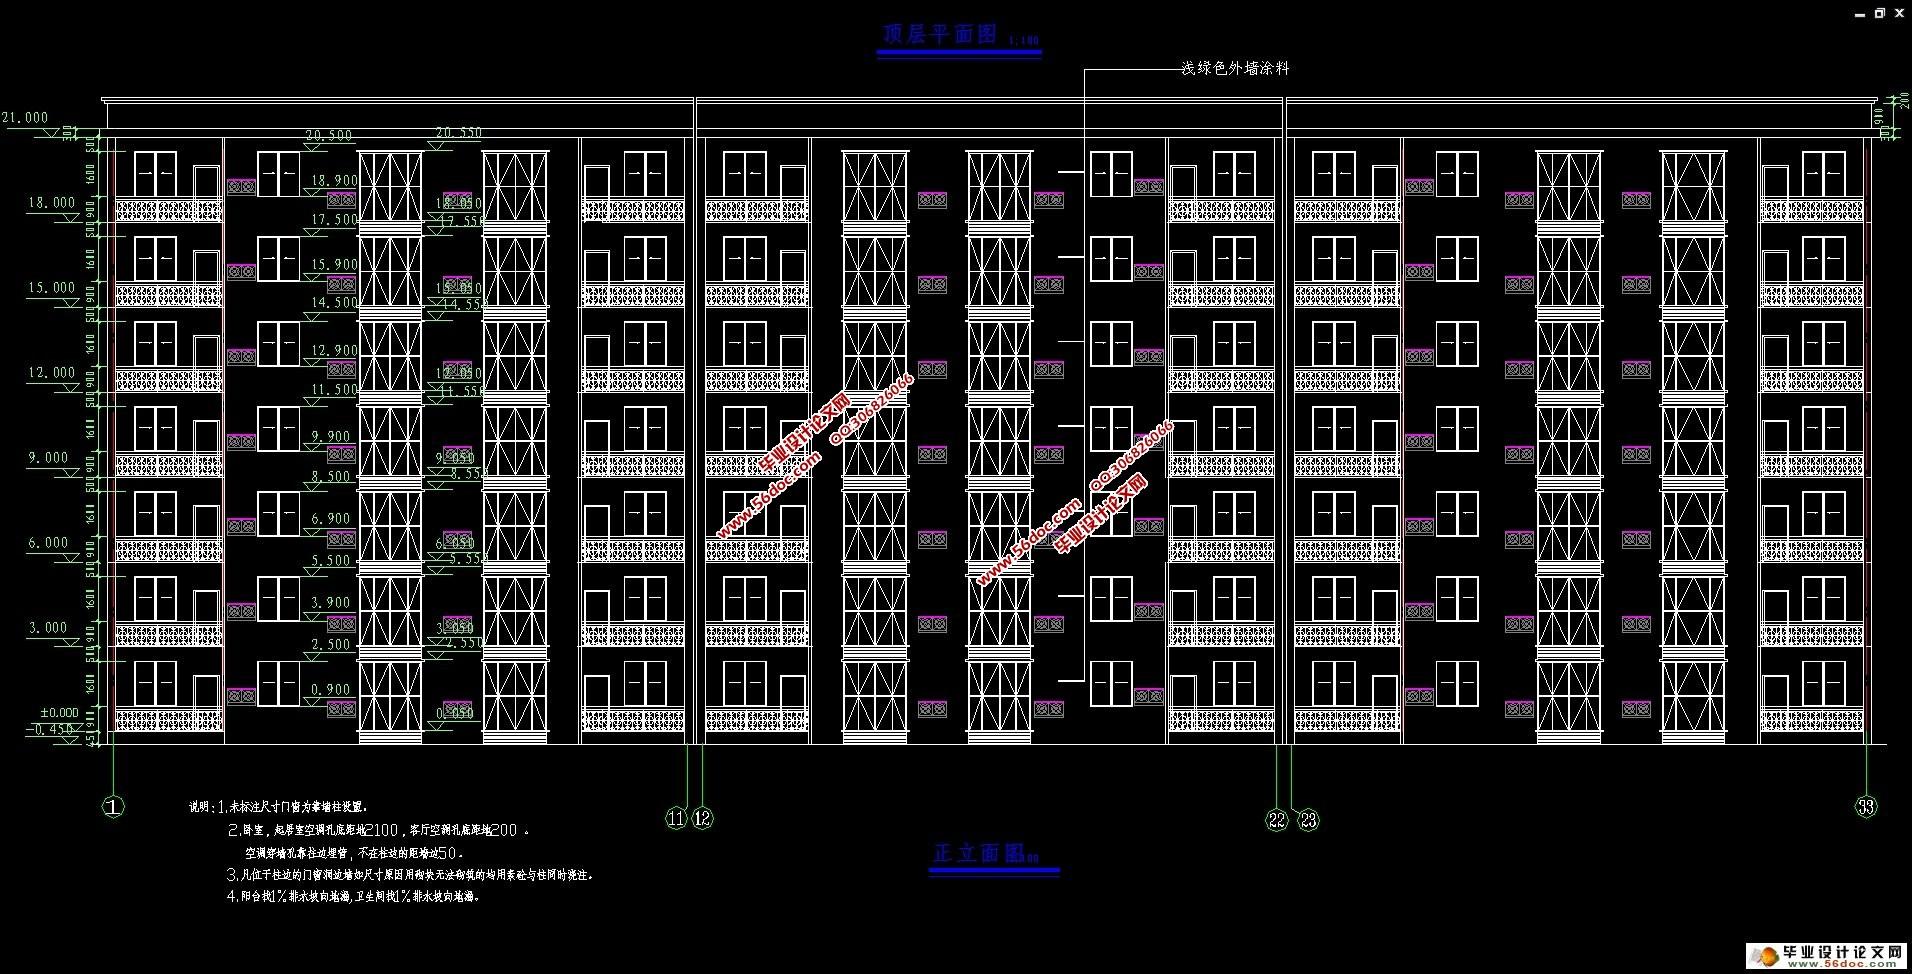 结构图8张) 摘 要 本设计给出了韵绿公园住宅小区1#楼一榀框架结构设计,包括梁、柱及板等部分。该建筑拟建于甲市,地上七层,总建筑面积为4320.16平方米,总建筑高度为22.4米,属于高层民用建筑。确定该建筑类型为框架结构,结构分析中考虑了风荷载、地震荷载及重力荷载的作用,在楼板绝对刚性并对框架和剪力墙产生极强的约束作用的假定下,用近似的手算方法分析了该结构中框架受力,并将水平荷载分配到框架上,分别用D值法和弯矩分配法计算水平地震和重力荷载作用下个构件的内力,并进行了一榀框架的内力组合及截面设计。通过对